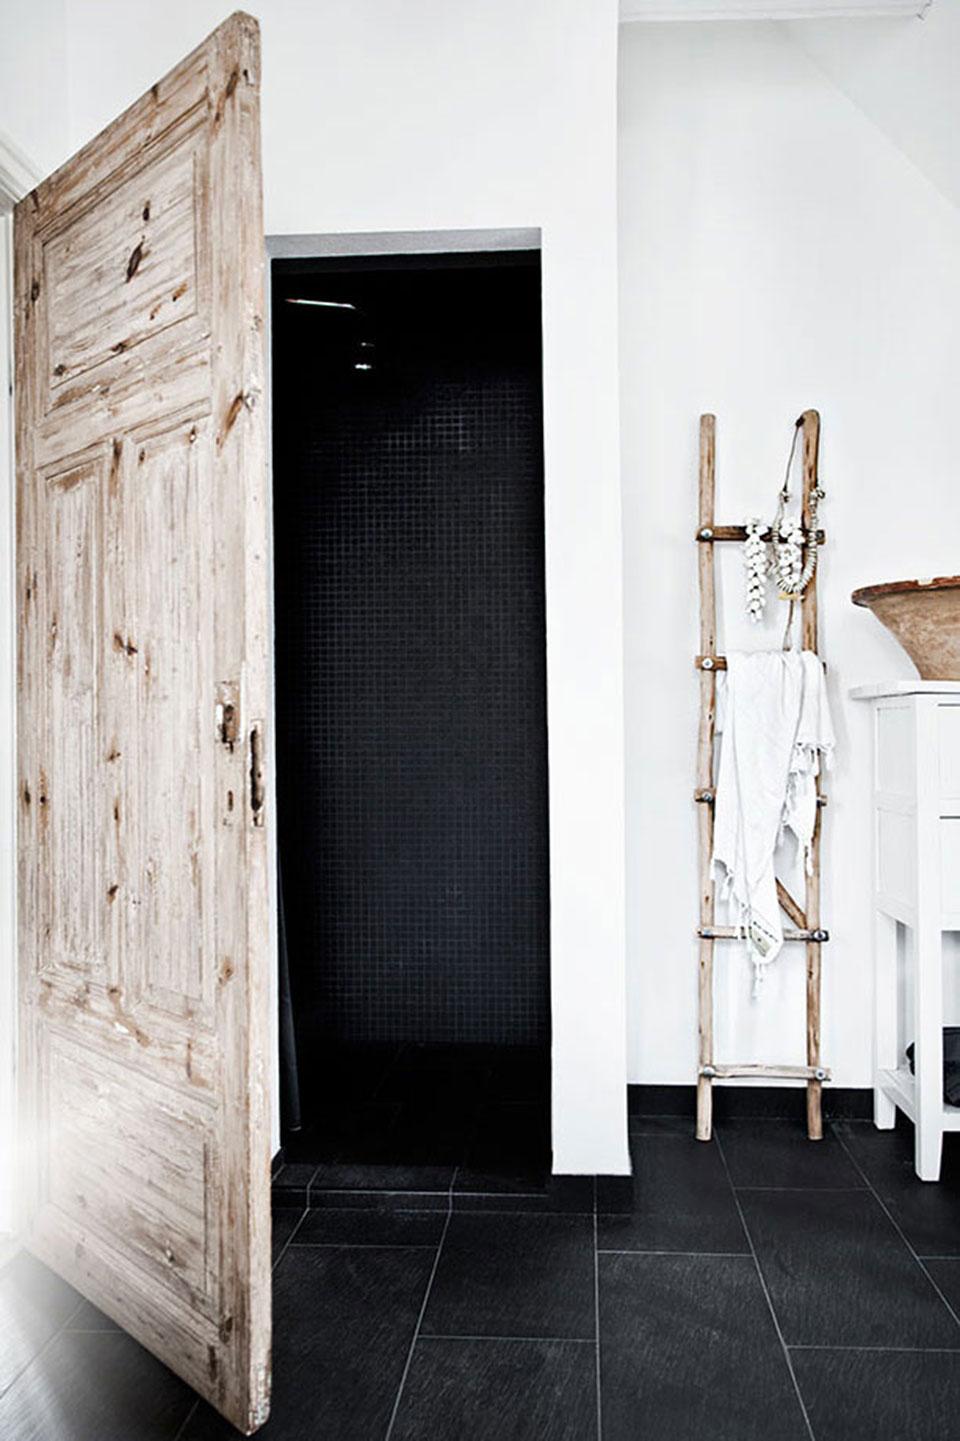 paredes brancas-moveis-aconchego-industrial-luminárias- tapetes-decoração12